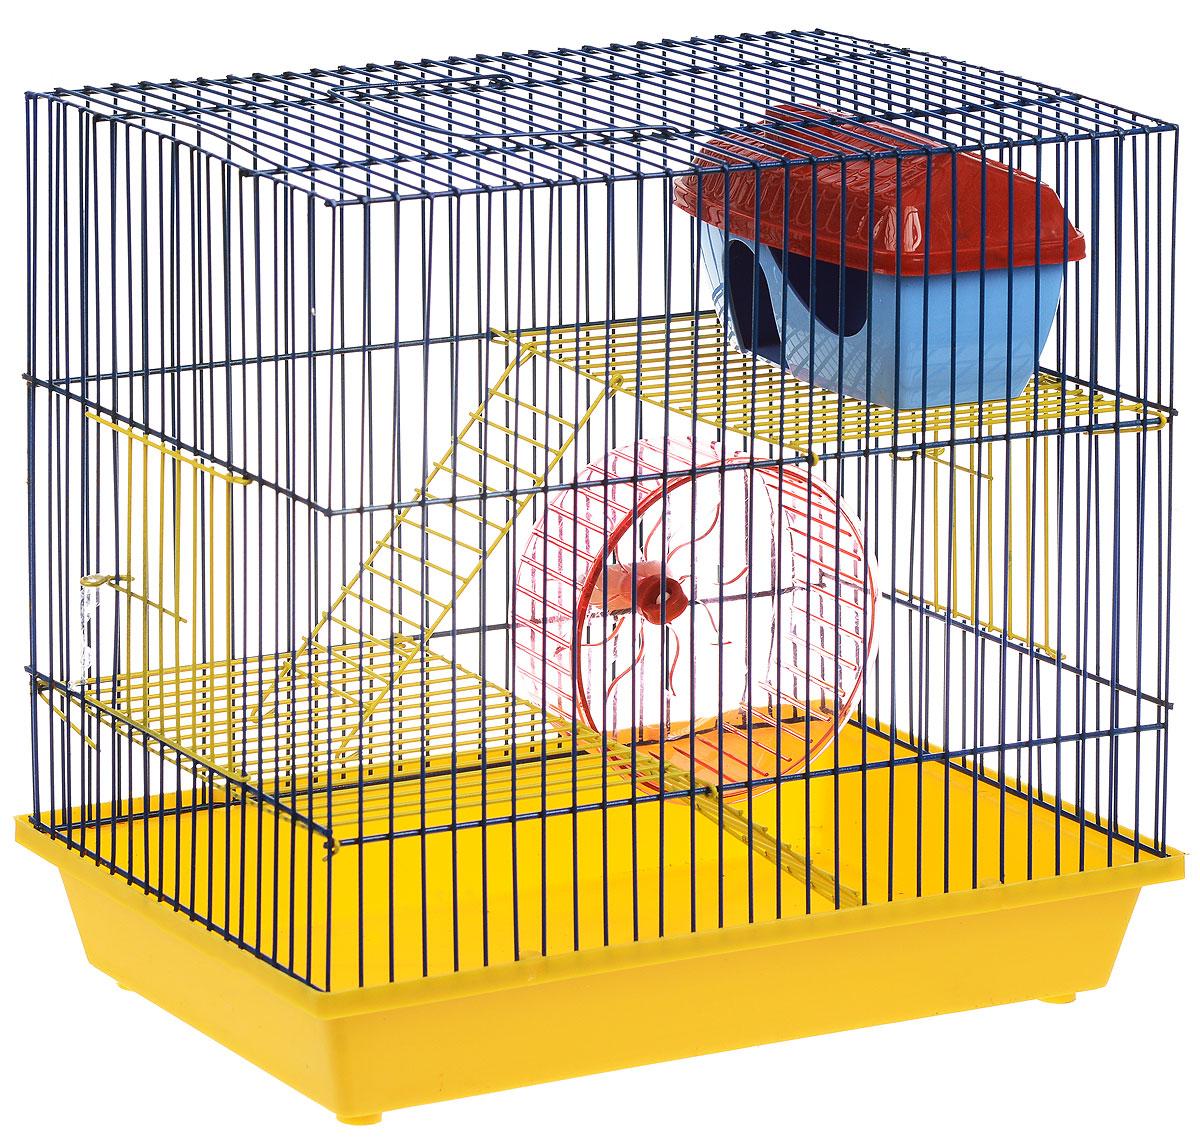 Клетка для грызунов ЗооМарк, 3-этажная, цвет: желтый поддон, синяя решетка, желтые этажи, 36 х 23 х 34,5 см. 135ж135ж_желтый, синийКлетка ЗооМарк, выполненная из полипропилена и металла, подходит для мелких грызунов. Изделие трехэтажное, оборудовано колесом для подвижных игр и пластиковым домиком. Клетка имеет яркий поддон, удобна в использовании и легко чистится. Сверху имеется ручка для переноски. Такая клетка станет уединенным личным пространством и уютным домиком для маленького грызуна.